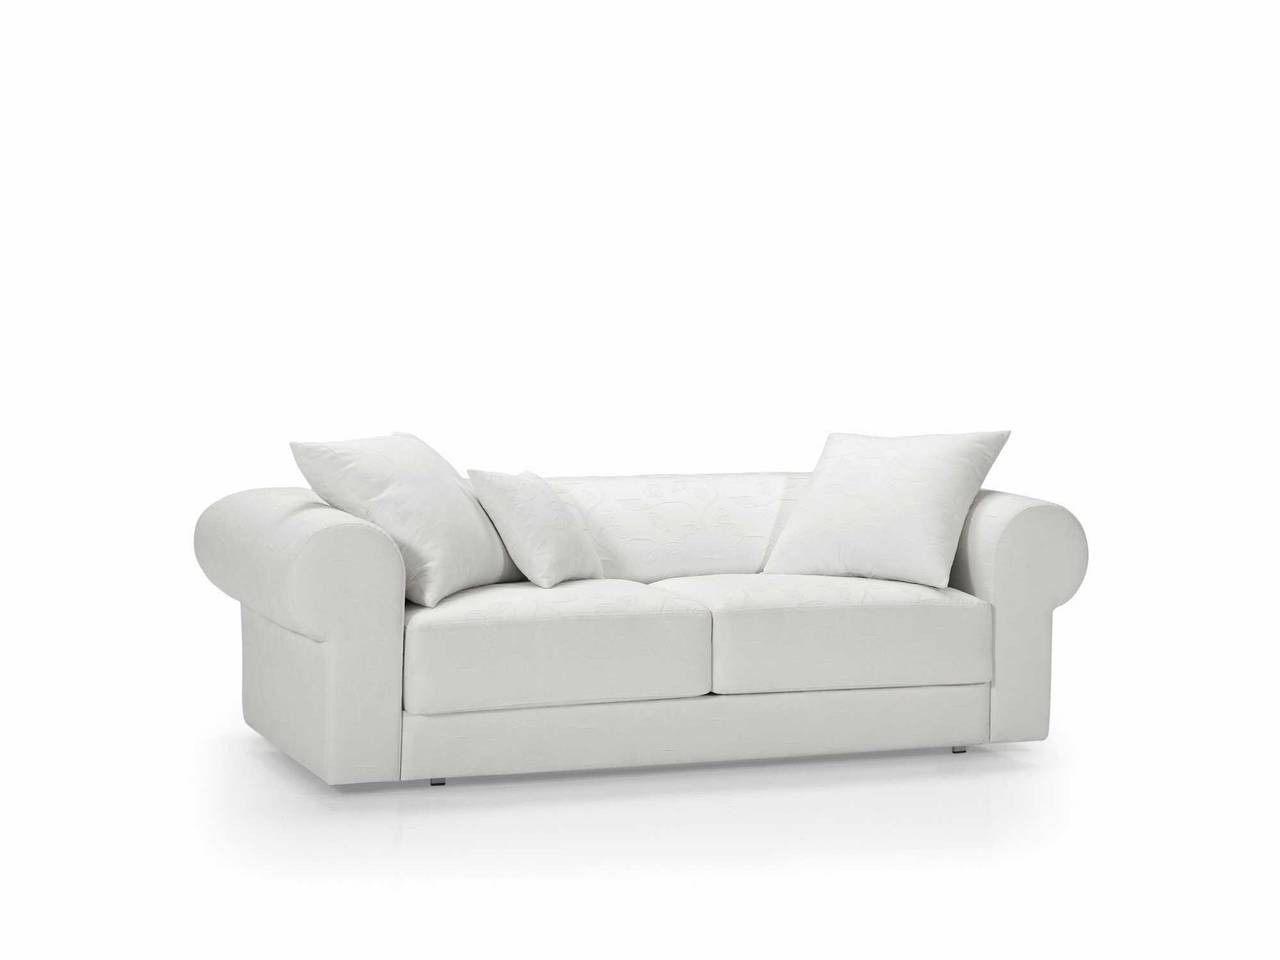 Canapé Lit Vrai Matelas Charmant 30 Luxe Canapé Convertible Vrai Matelas Suggestions